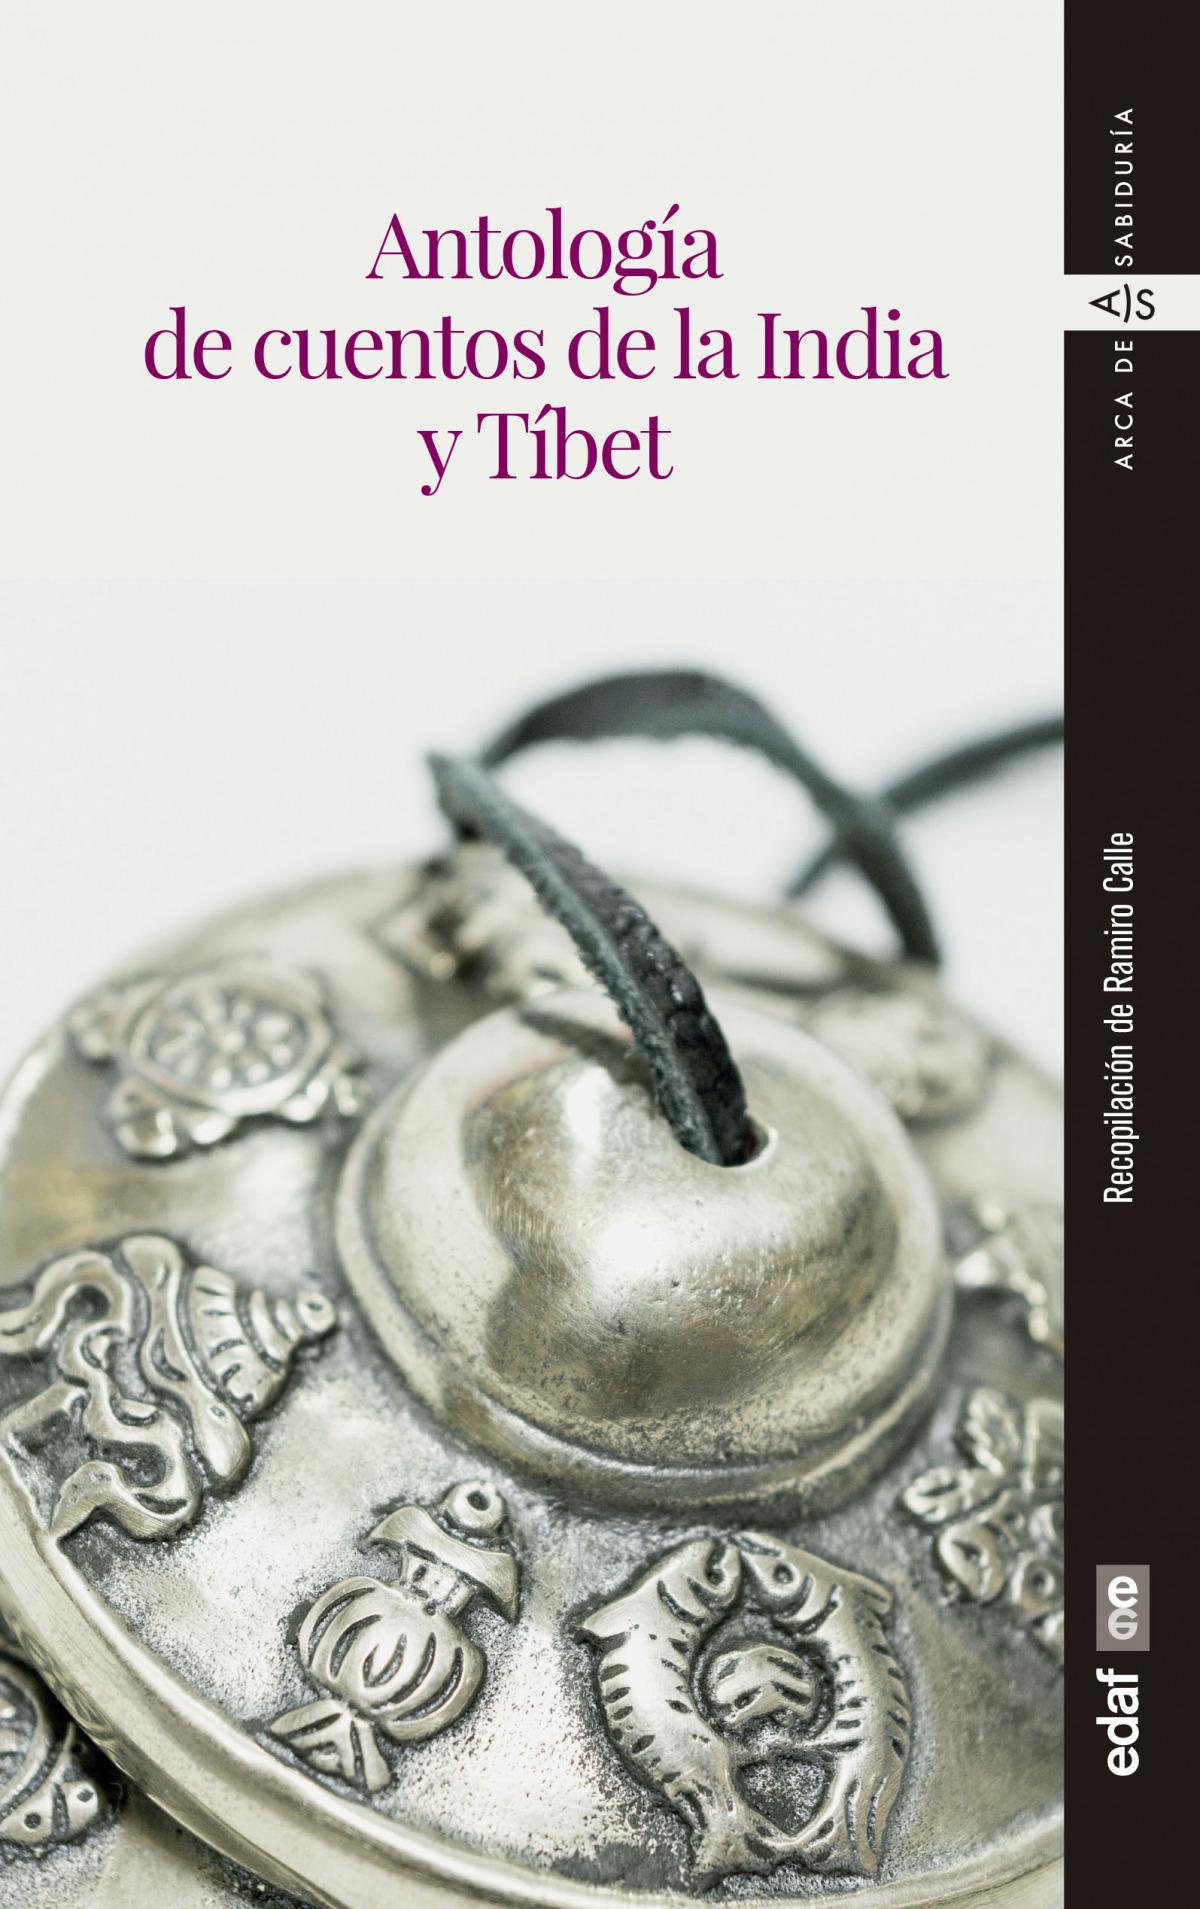 Antología de cuentos de la India y Tíbet